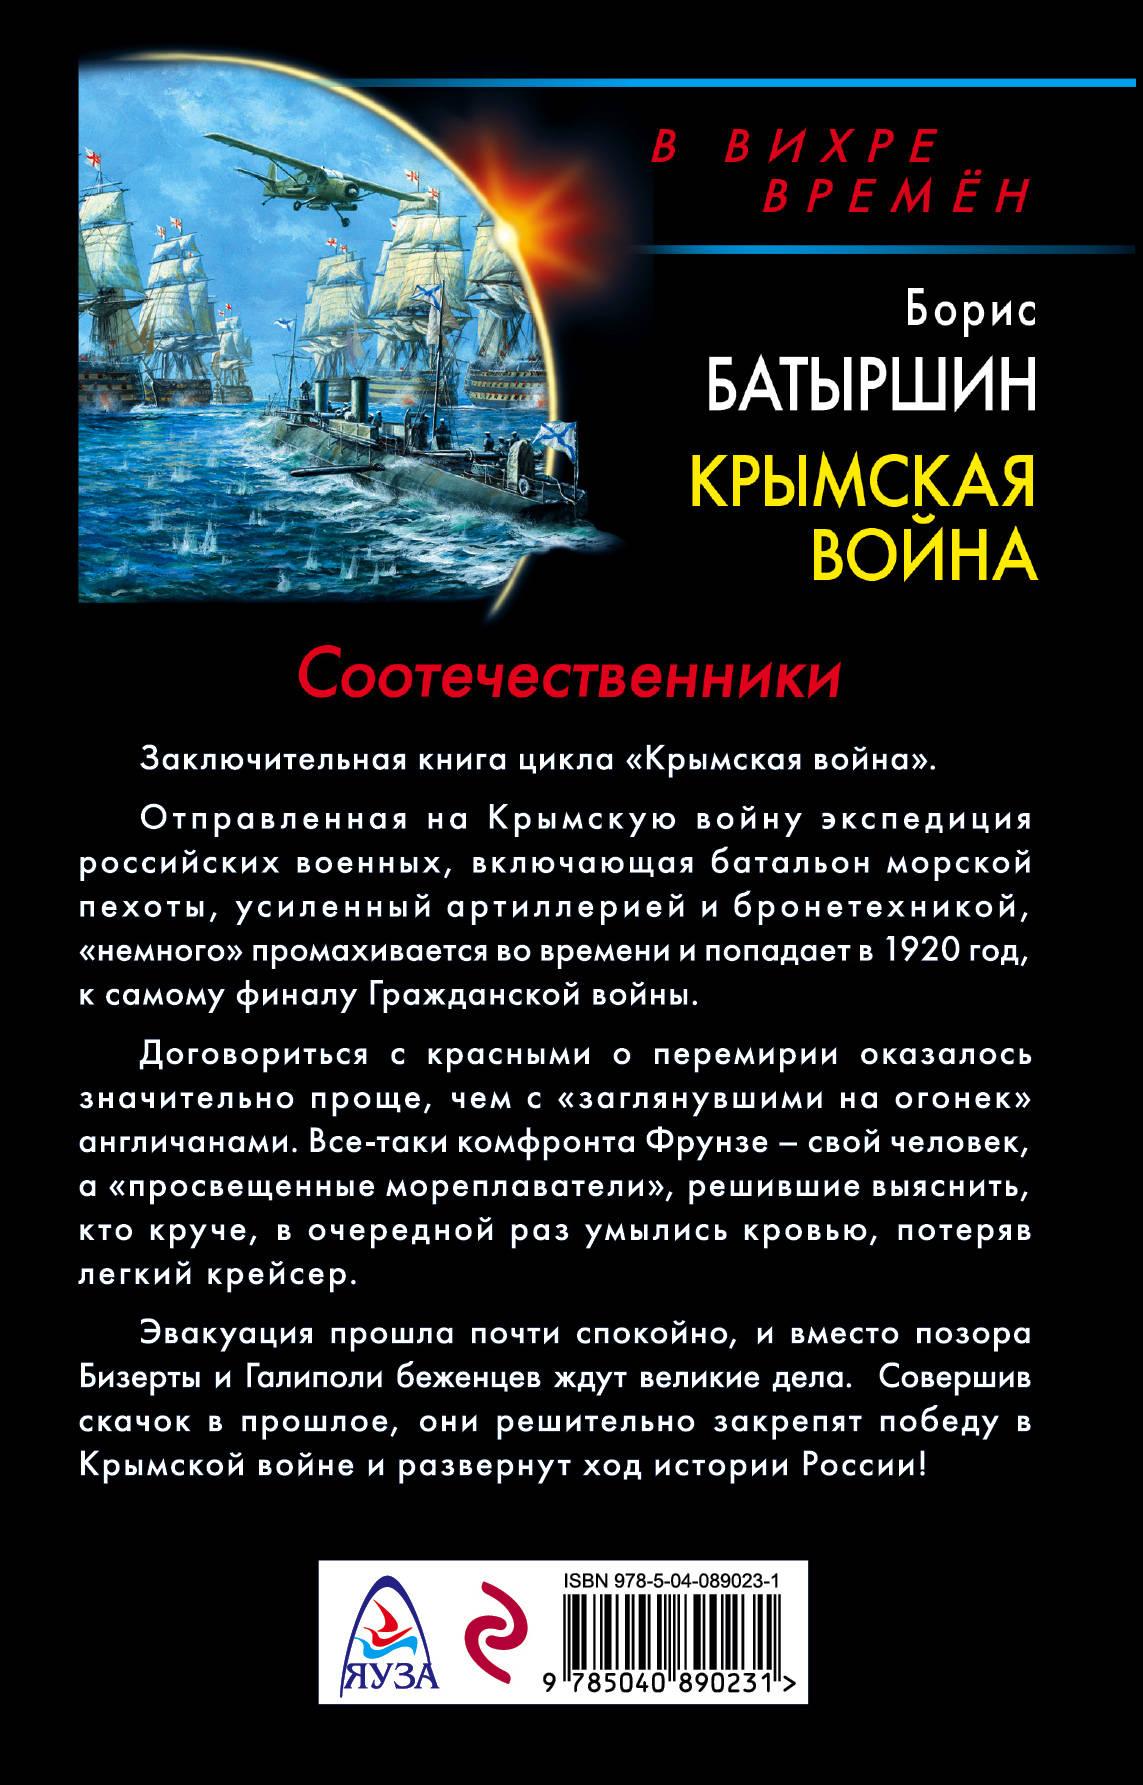 Крымская война. Соотечественники. Борис Батыршин